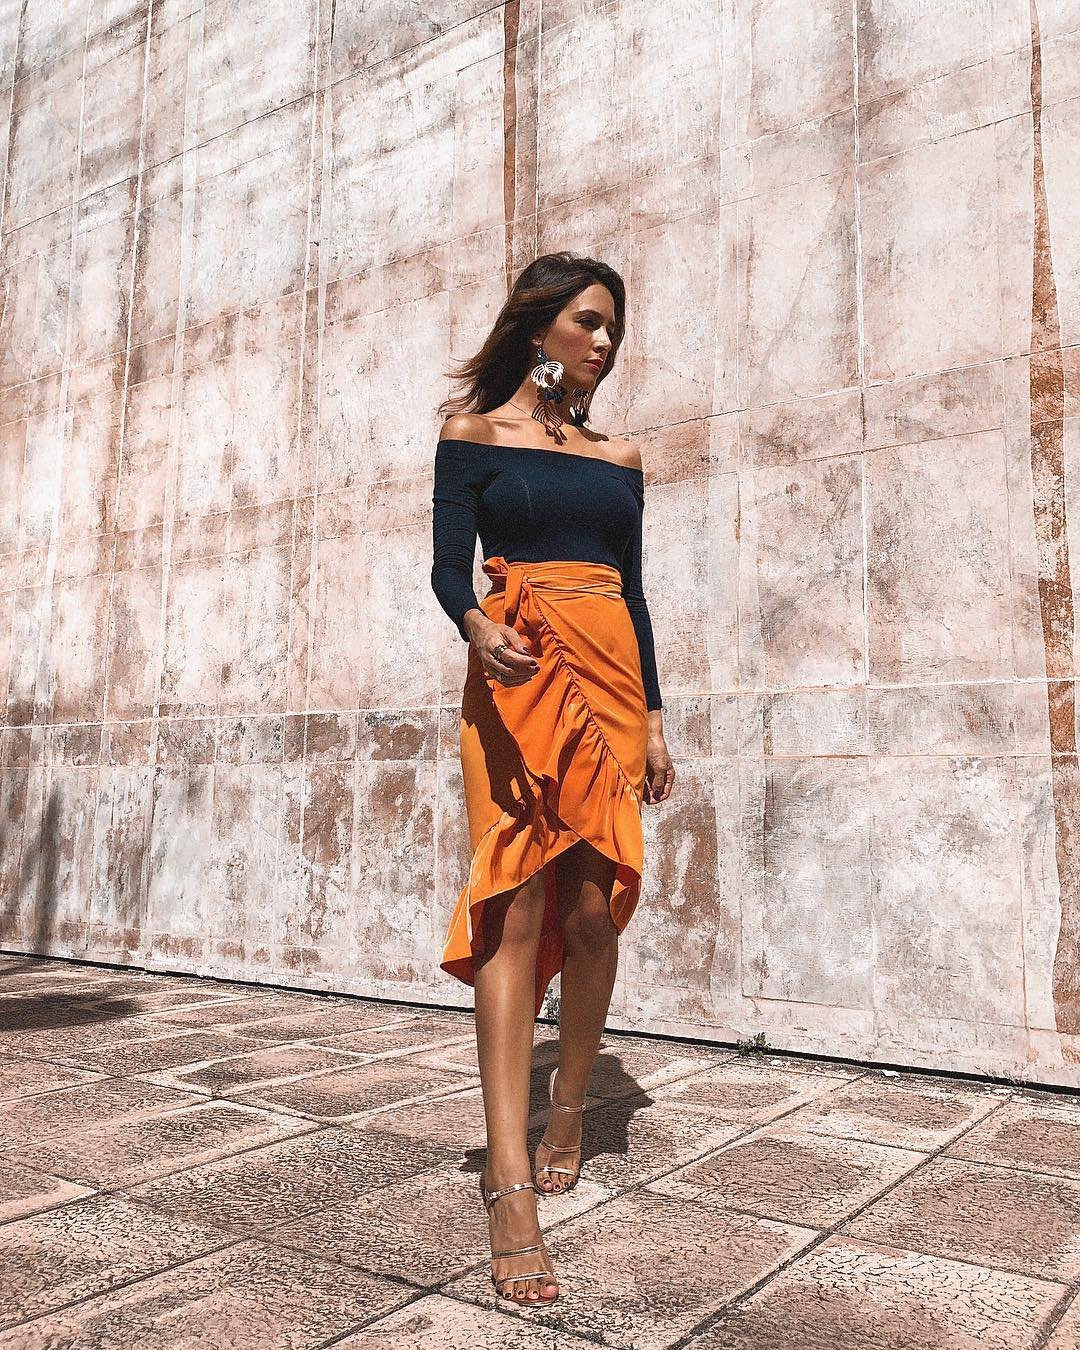 bca7e21548 faldas otoño 2018 nueva coleccion. 10 faldas de otoño que puedes empezar a  llevar hoy